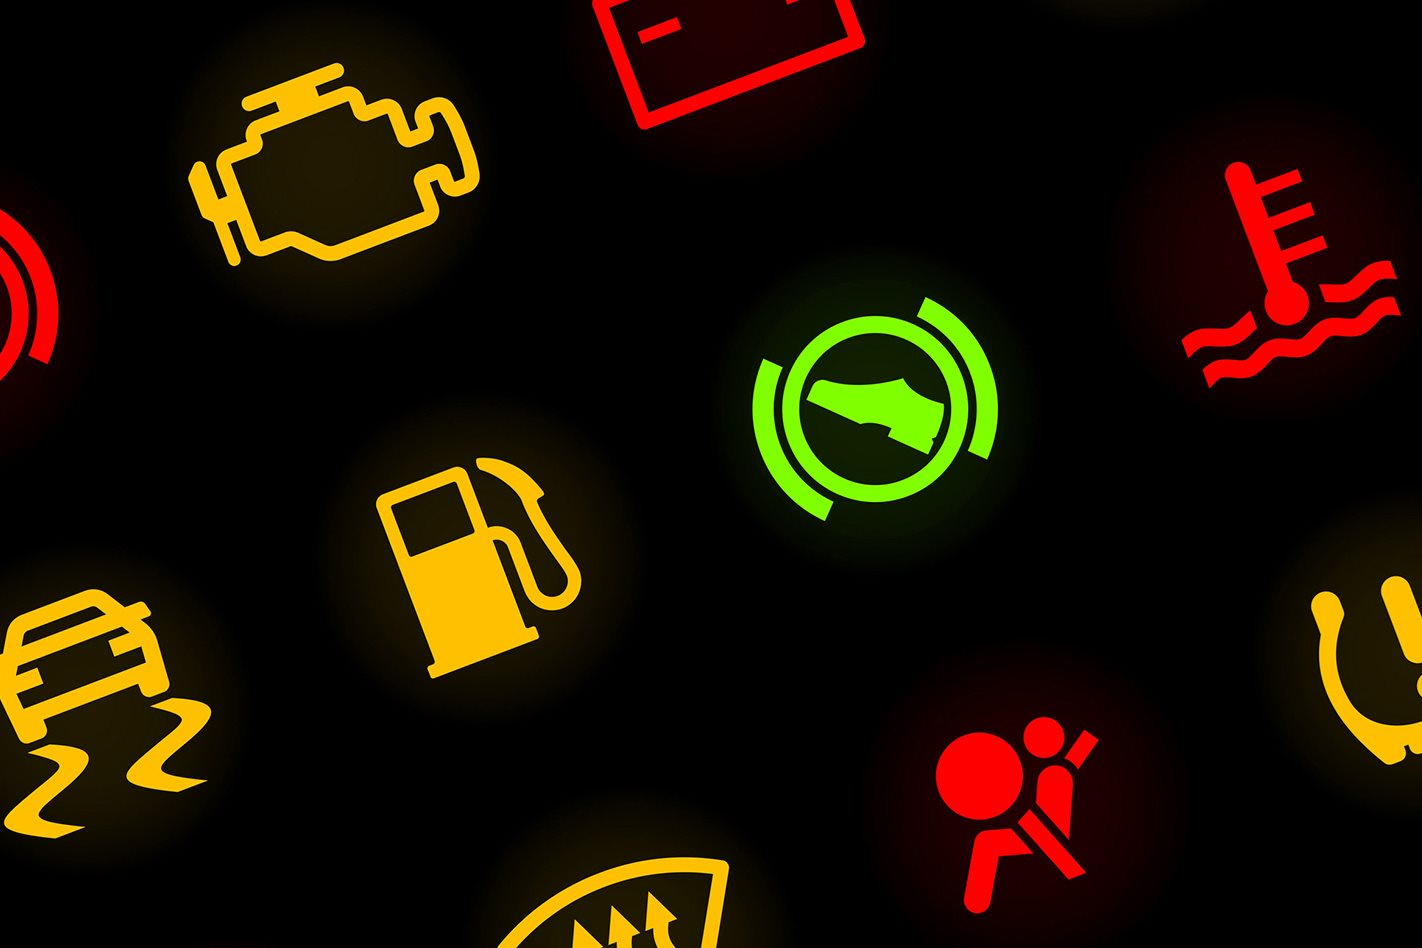 تعرّفي على معاني الإشعارات التي تظهر على عداد السيارة